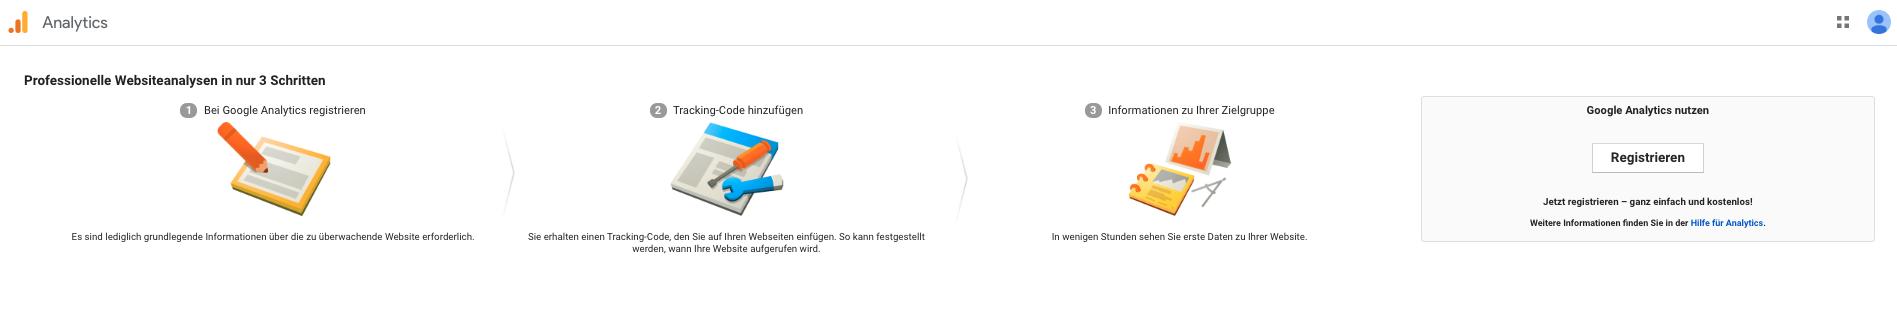 Schaubild der Einrichtungsschritte der Google Analytics Website